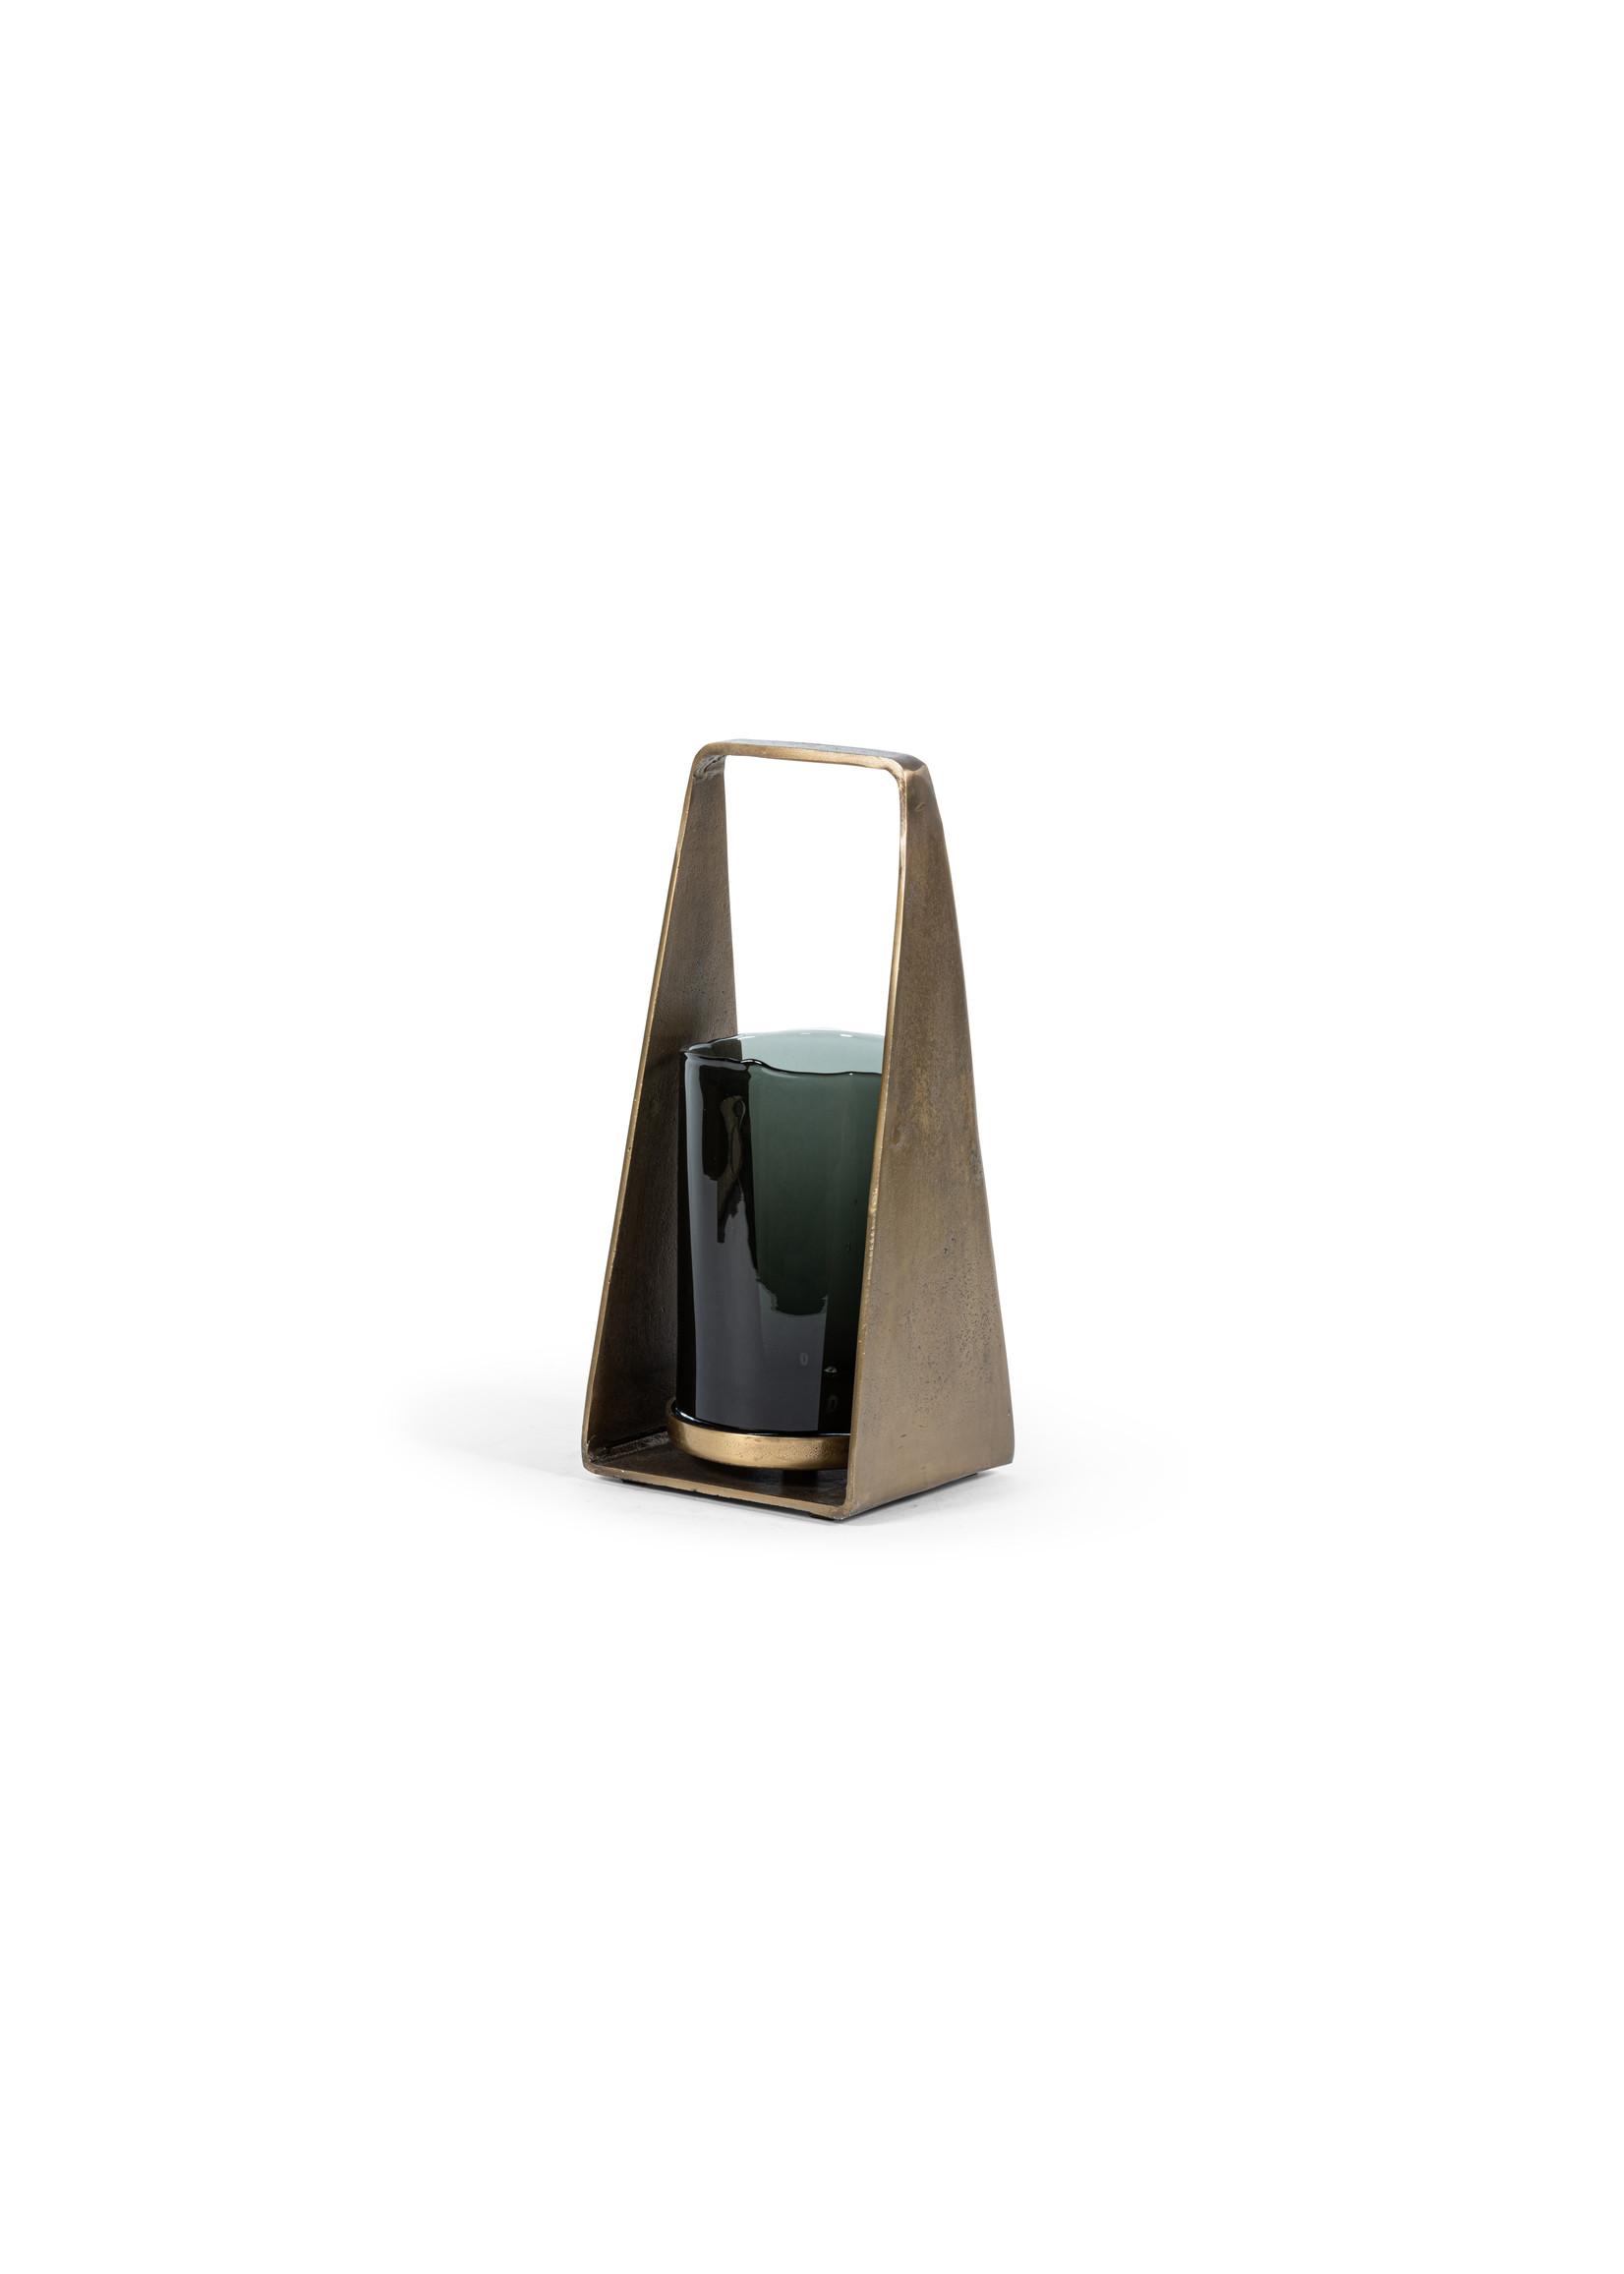 Dekocandle Windlicht antique Brass & glass